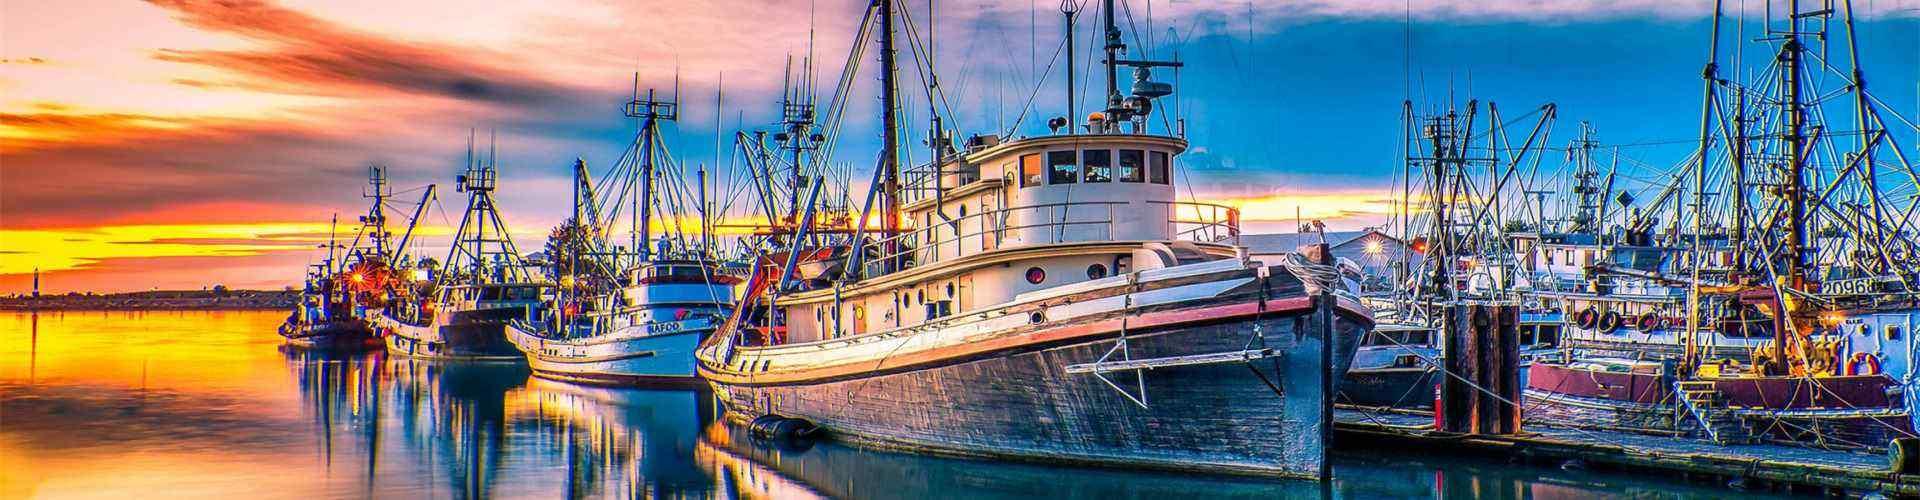 码头风景_码头风景图片_码头海边风景图片_风景壁纸